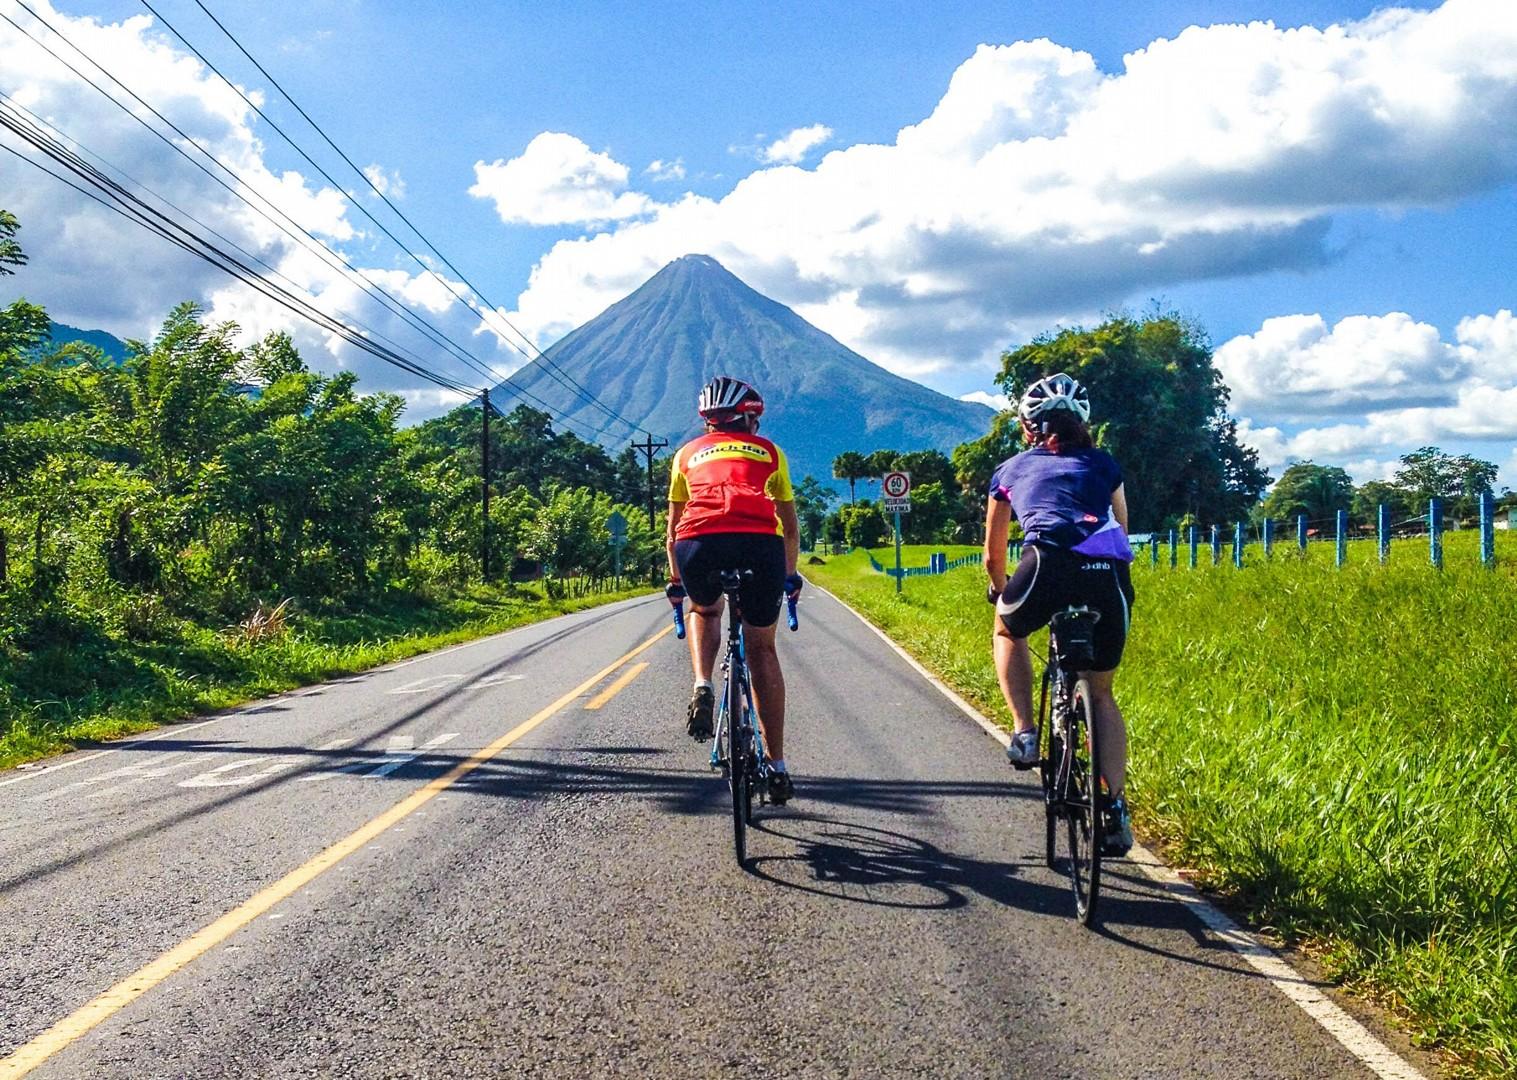 IMG_0070-3.jpg - Costa Rica - Ruta de los Volcanes - Road Cycling